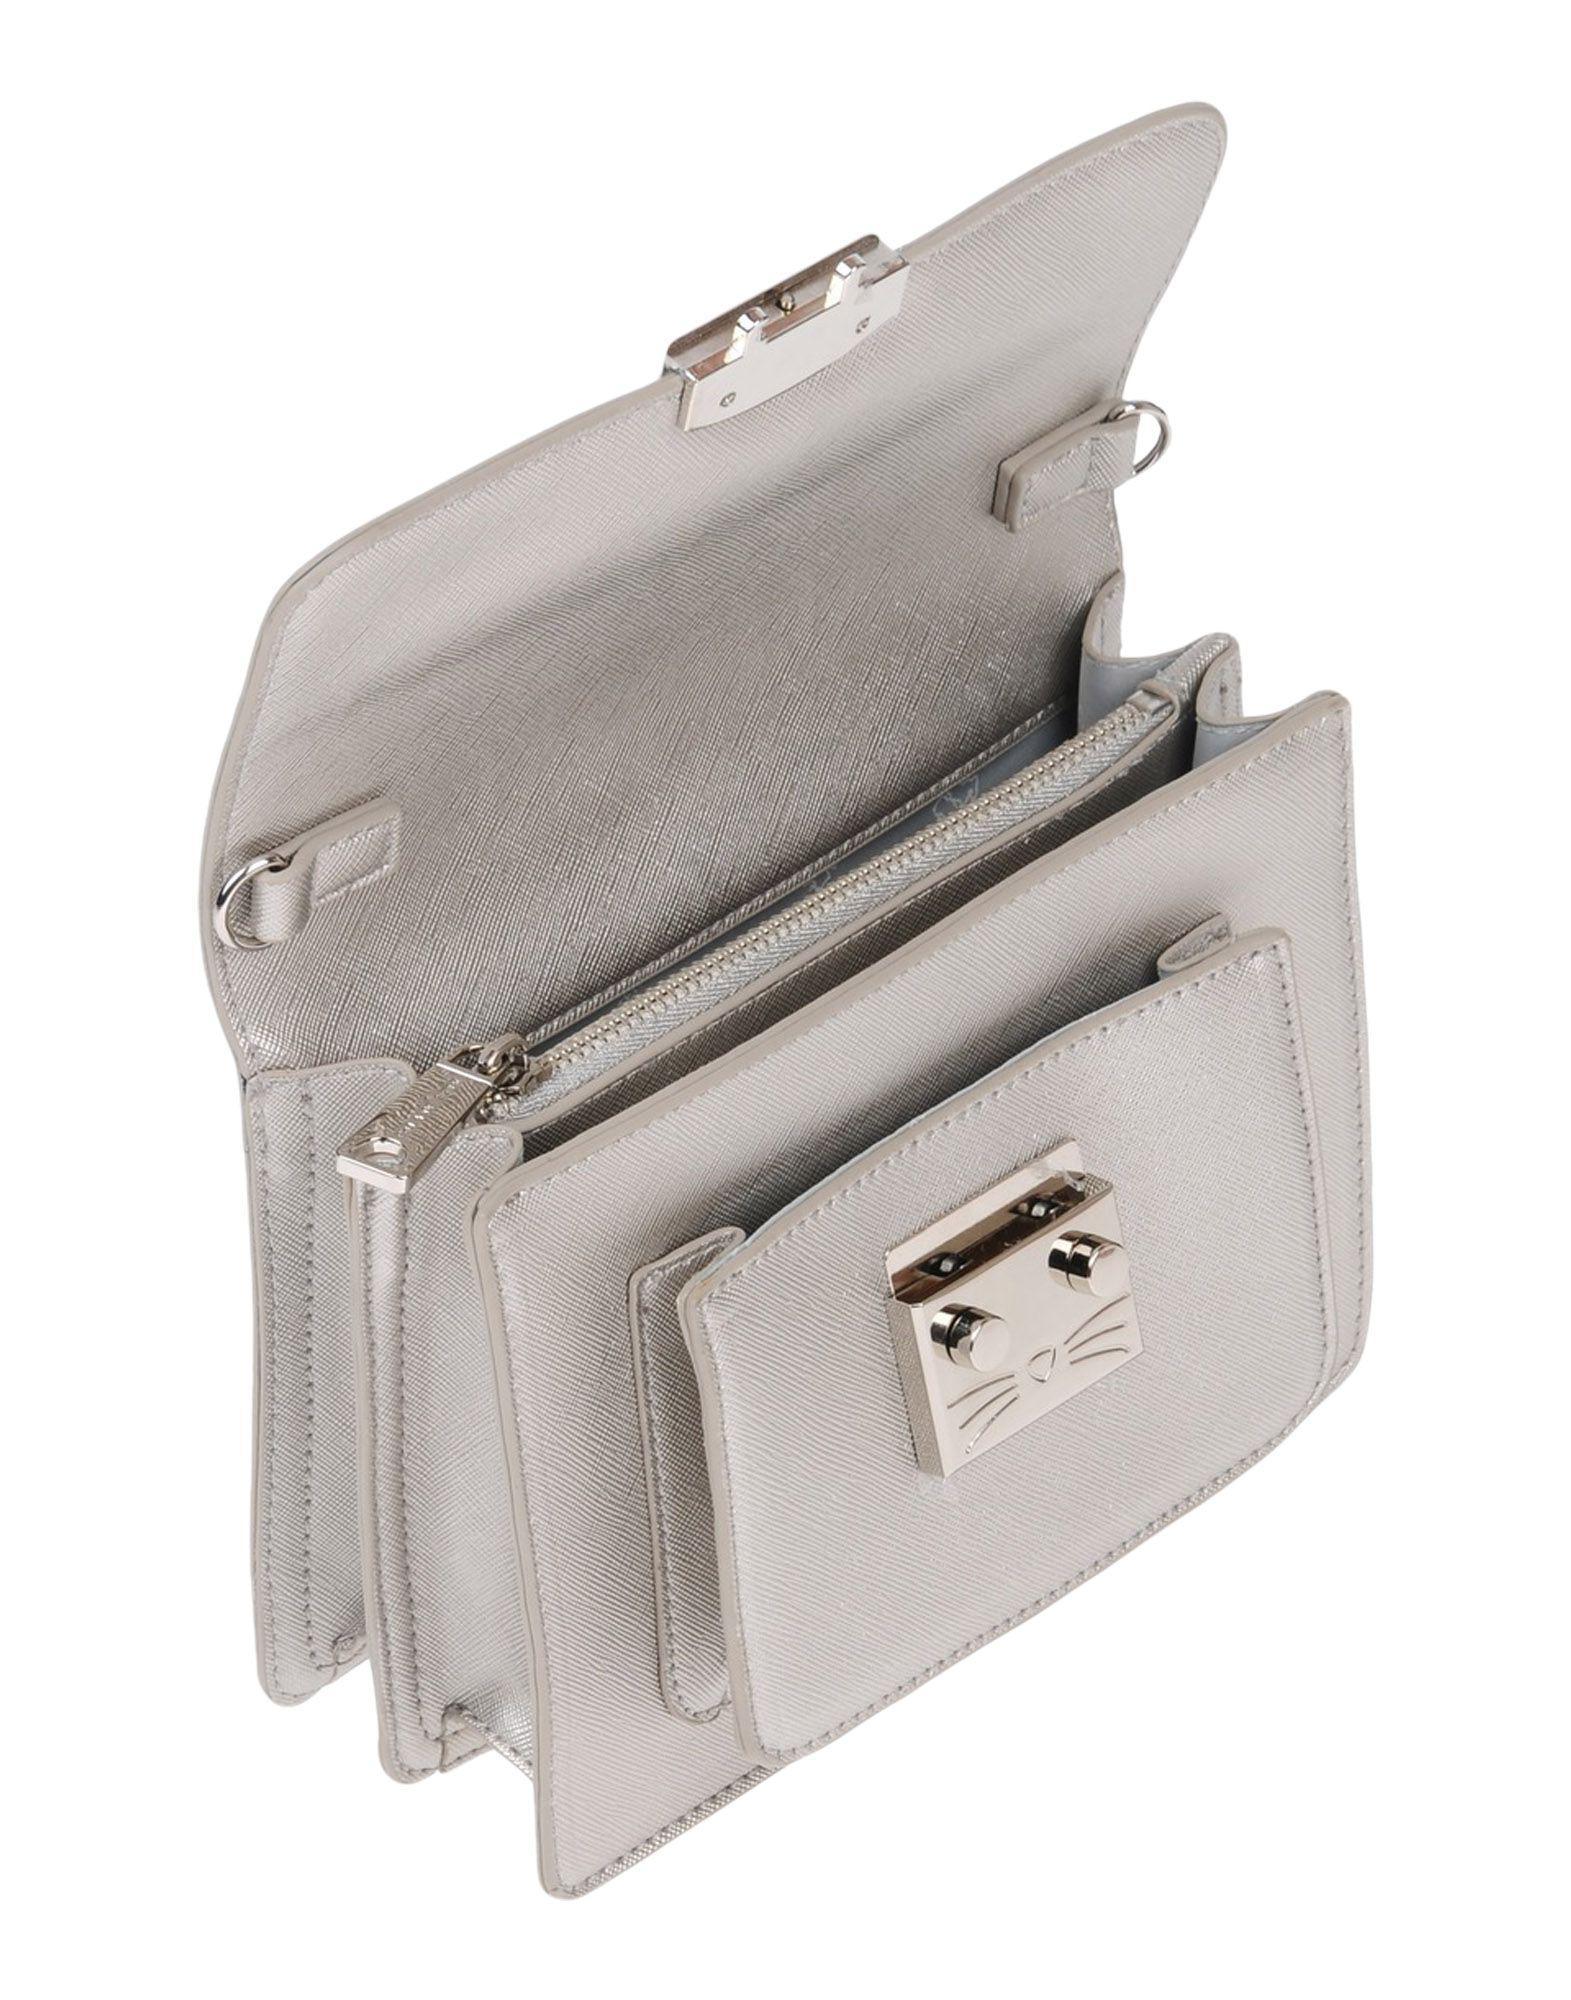 Paul & Joe Cross-body Bags in Silver (Metallic)